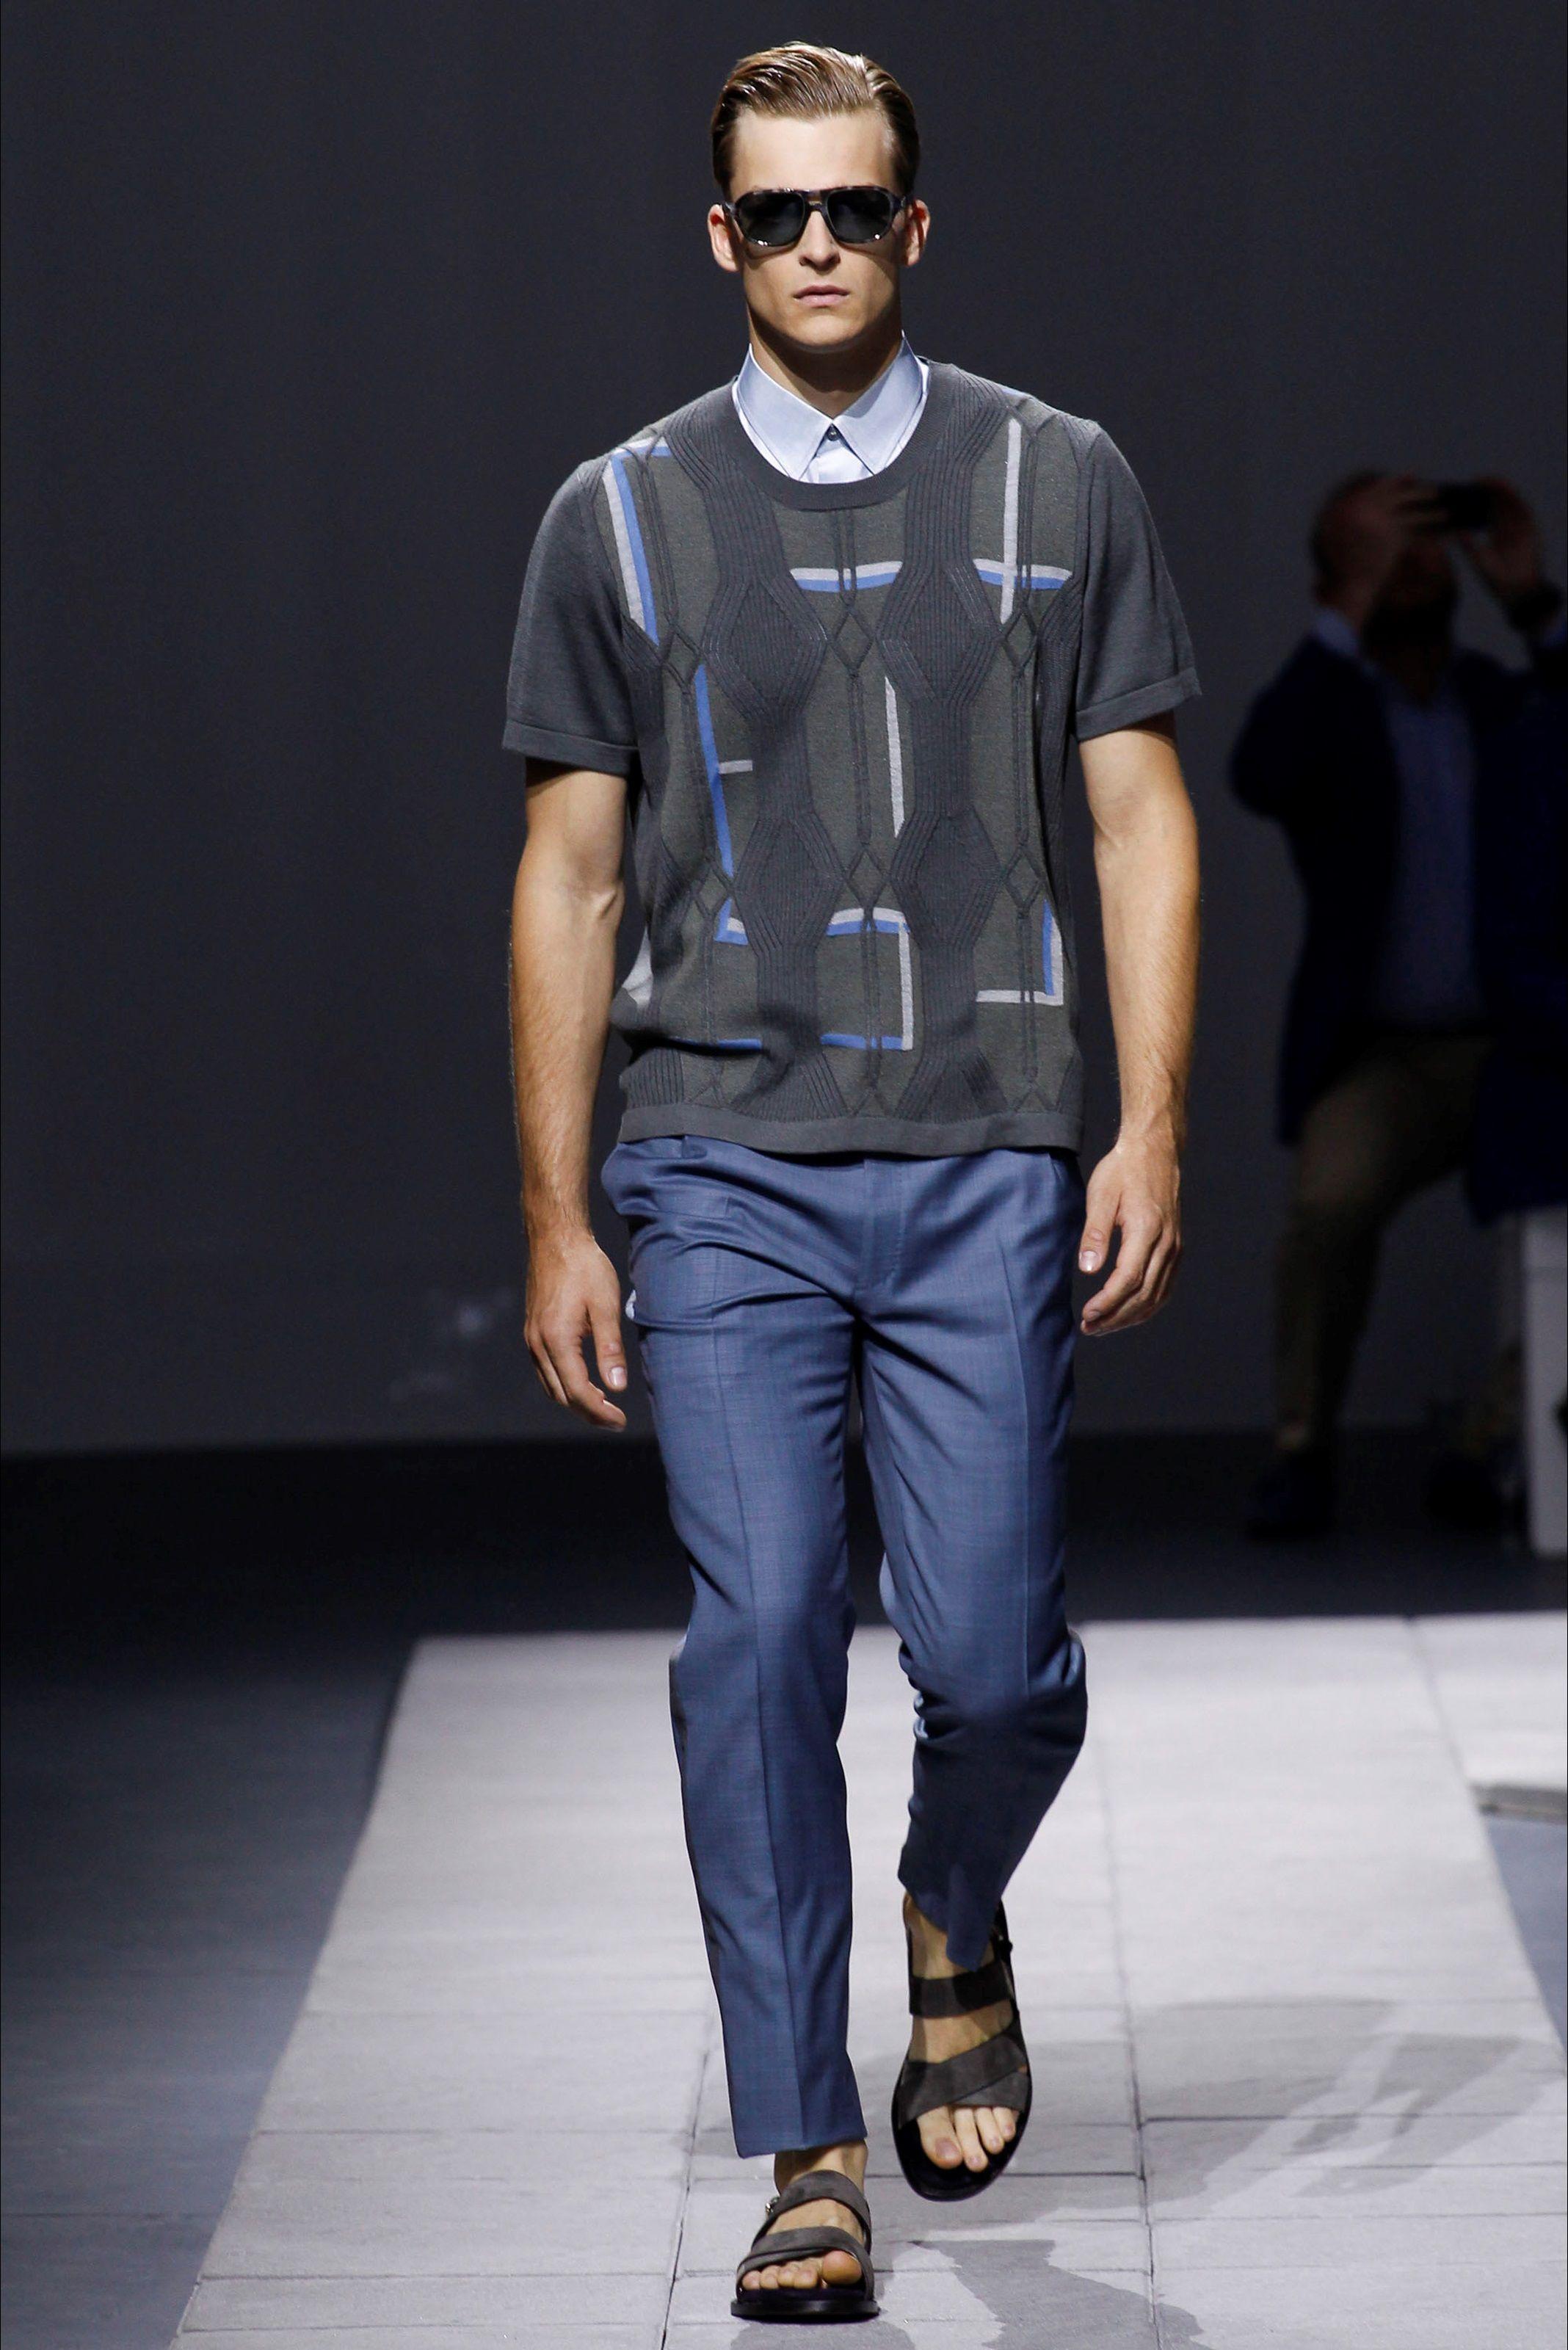 Sfilata Moda Uomo Brioni Milano - Primavera Estate 2016 - Vogue ... c9285cde68c